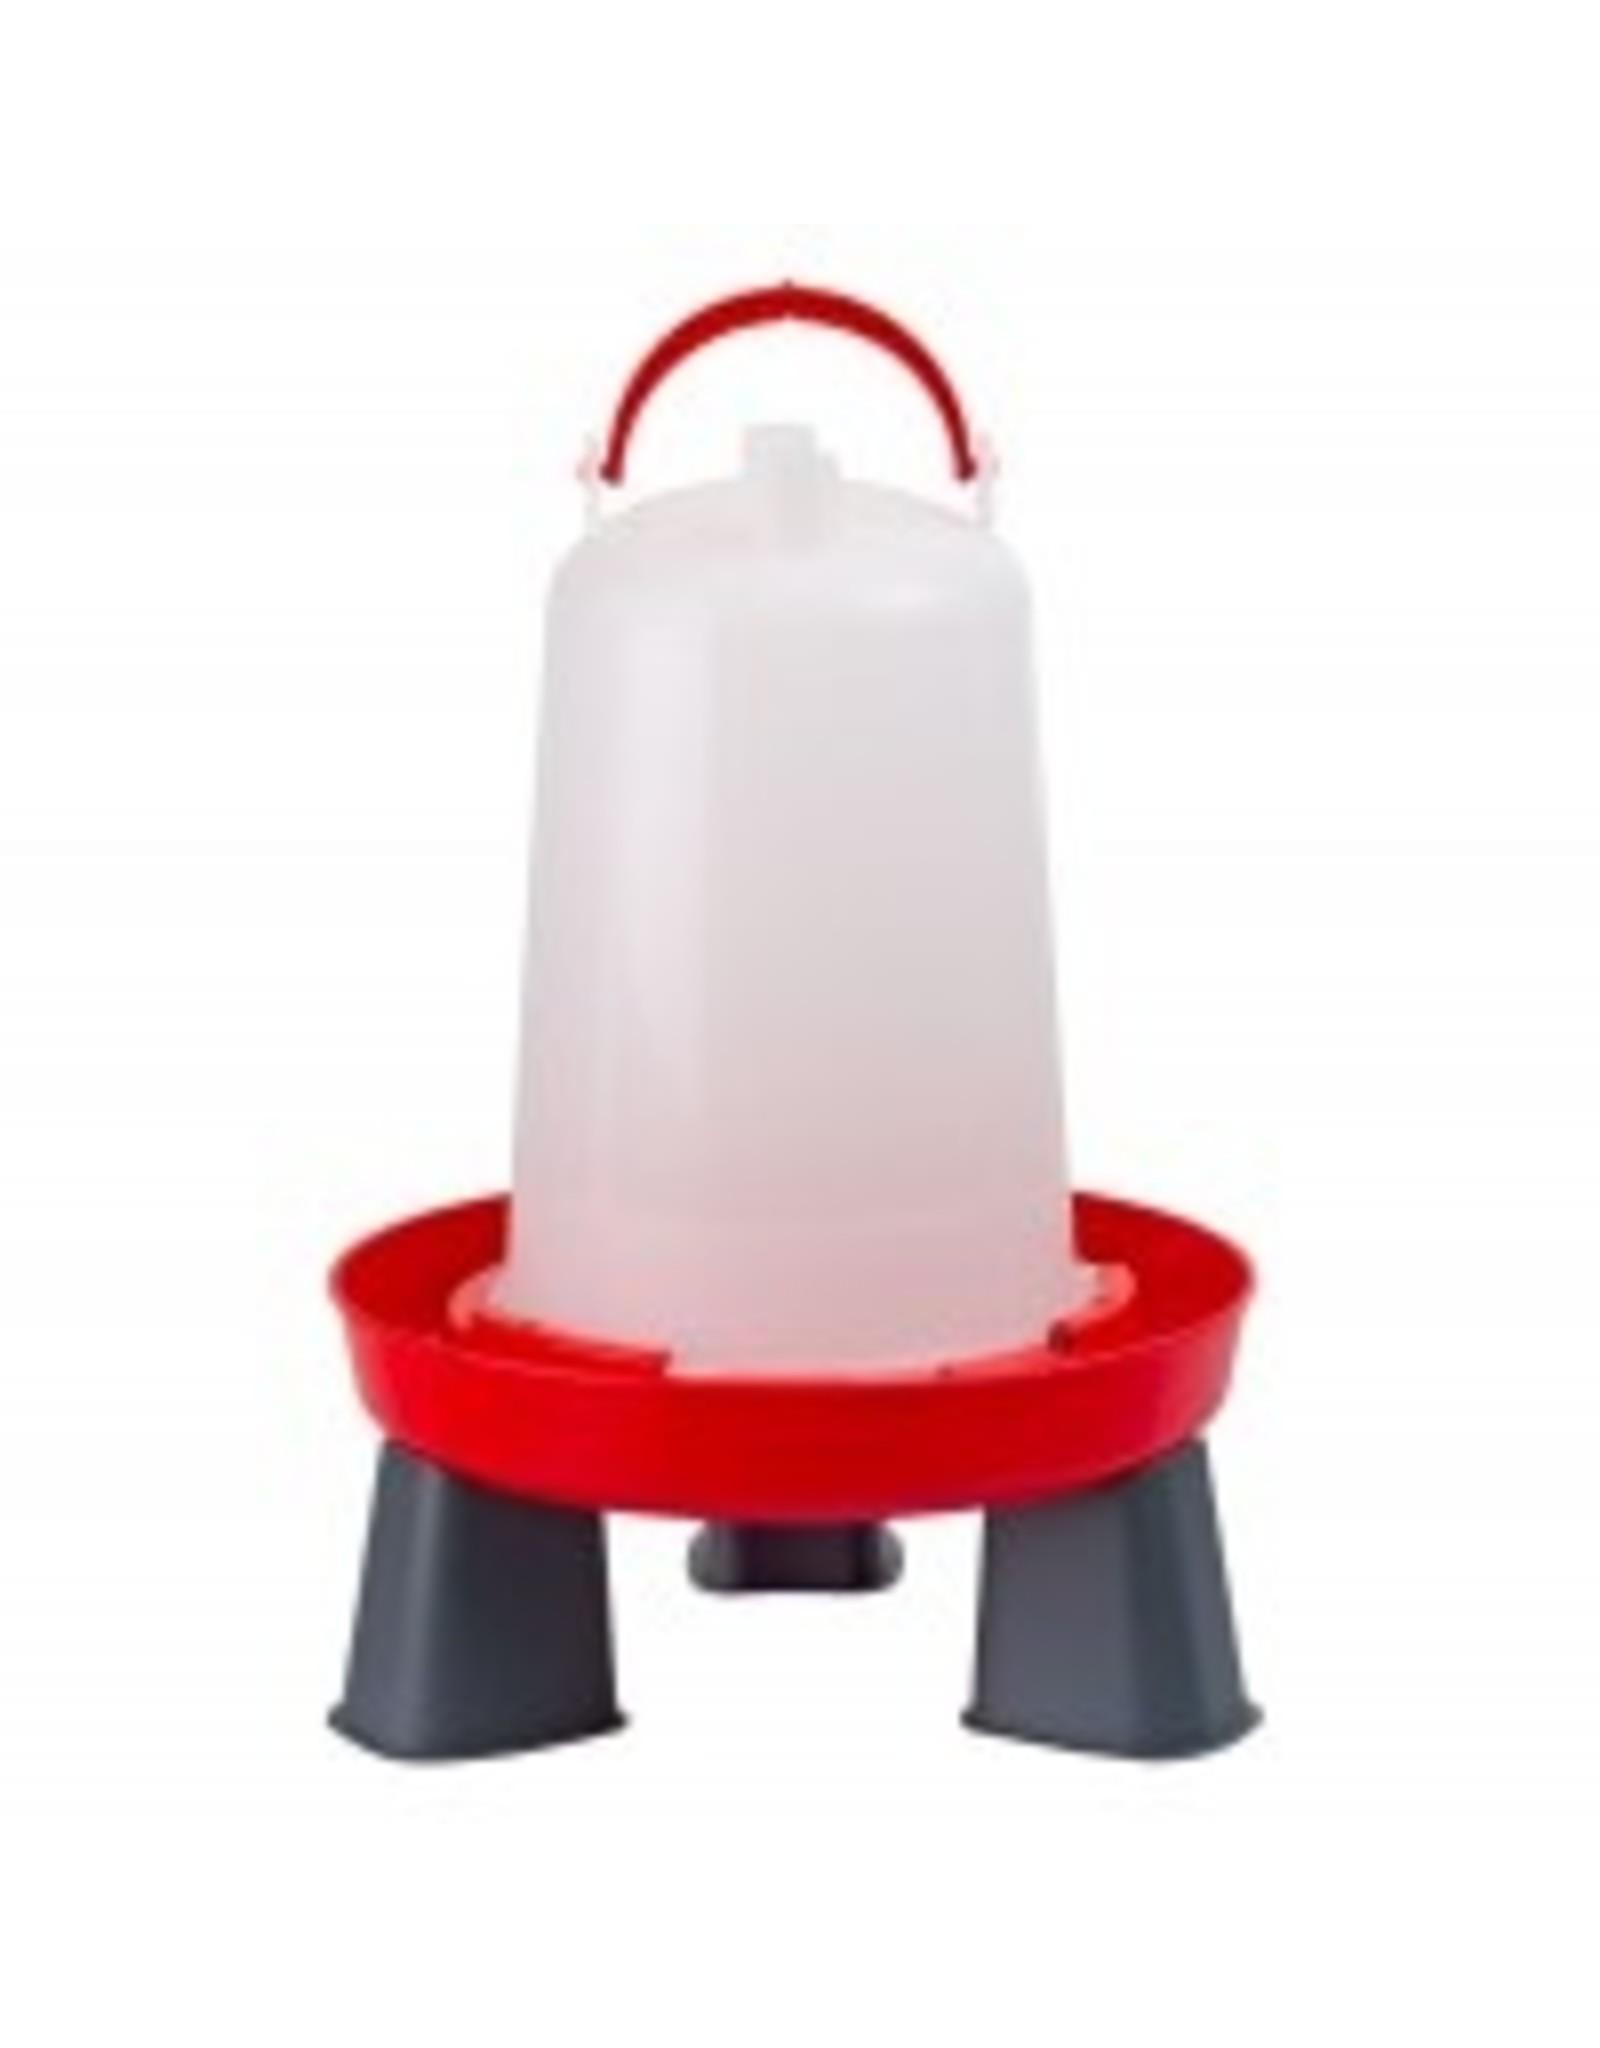 Drink/ Voerbakken Drinktoren rood  6 lit m poot - 1 Stuks